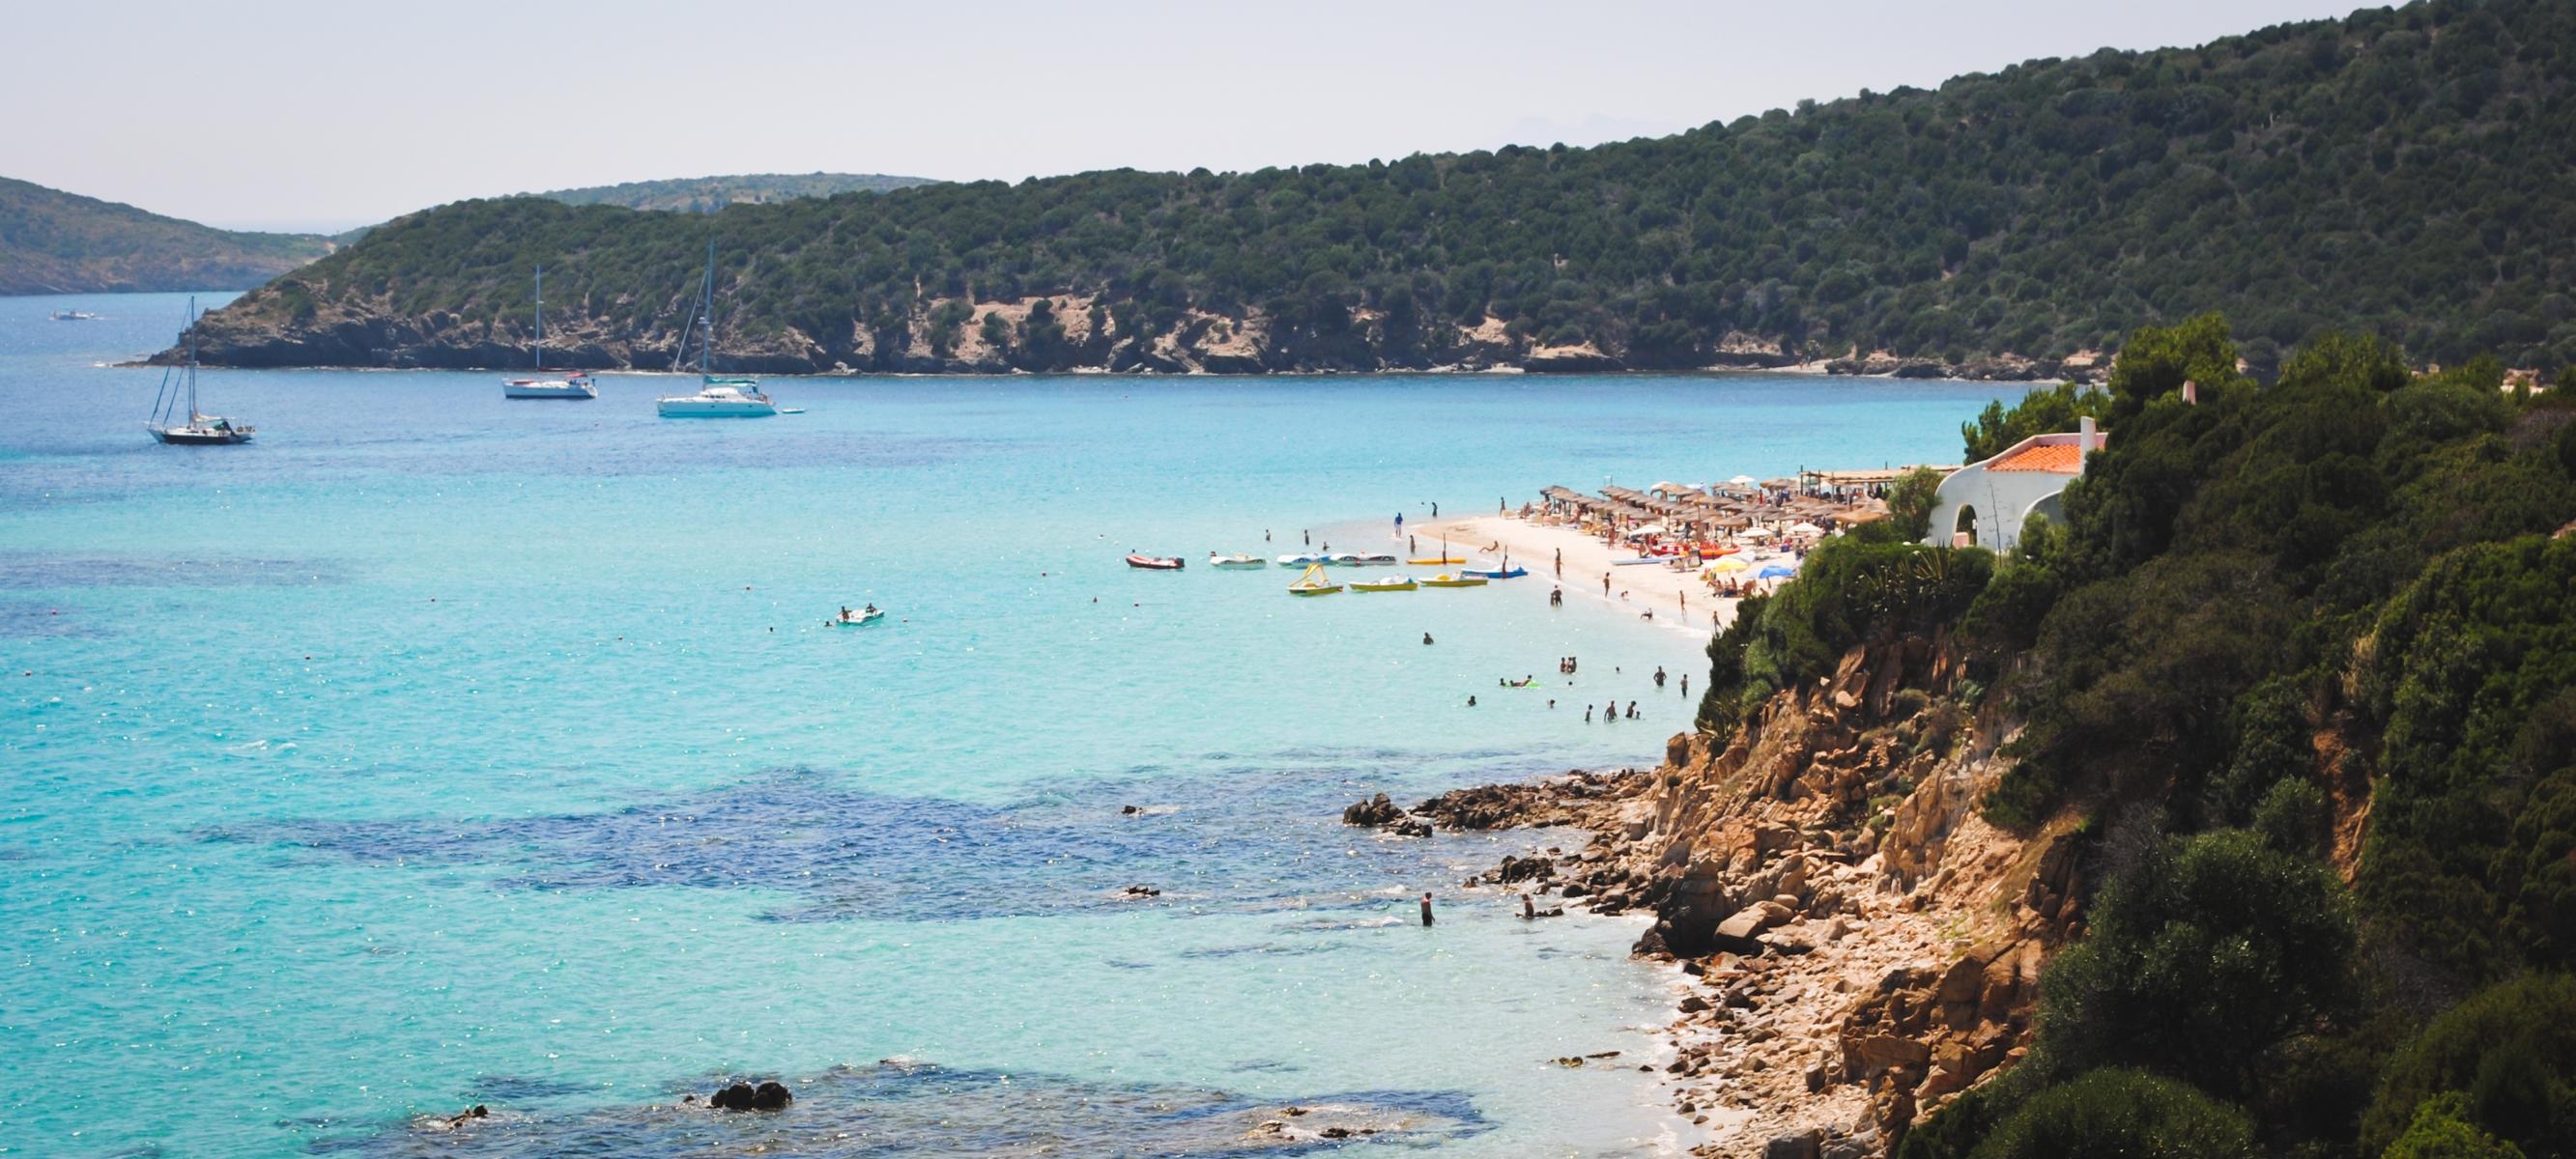 Tuerredda sardegnaturismo sito ufficiale del turismo for Disegni da camera da spiaggia